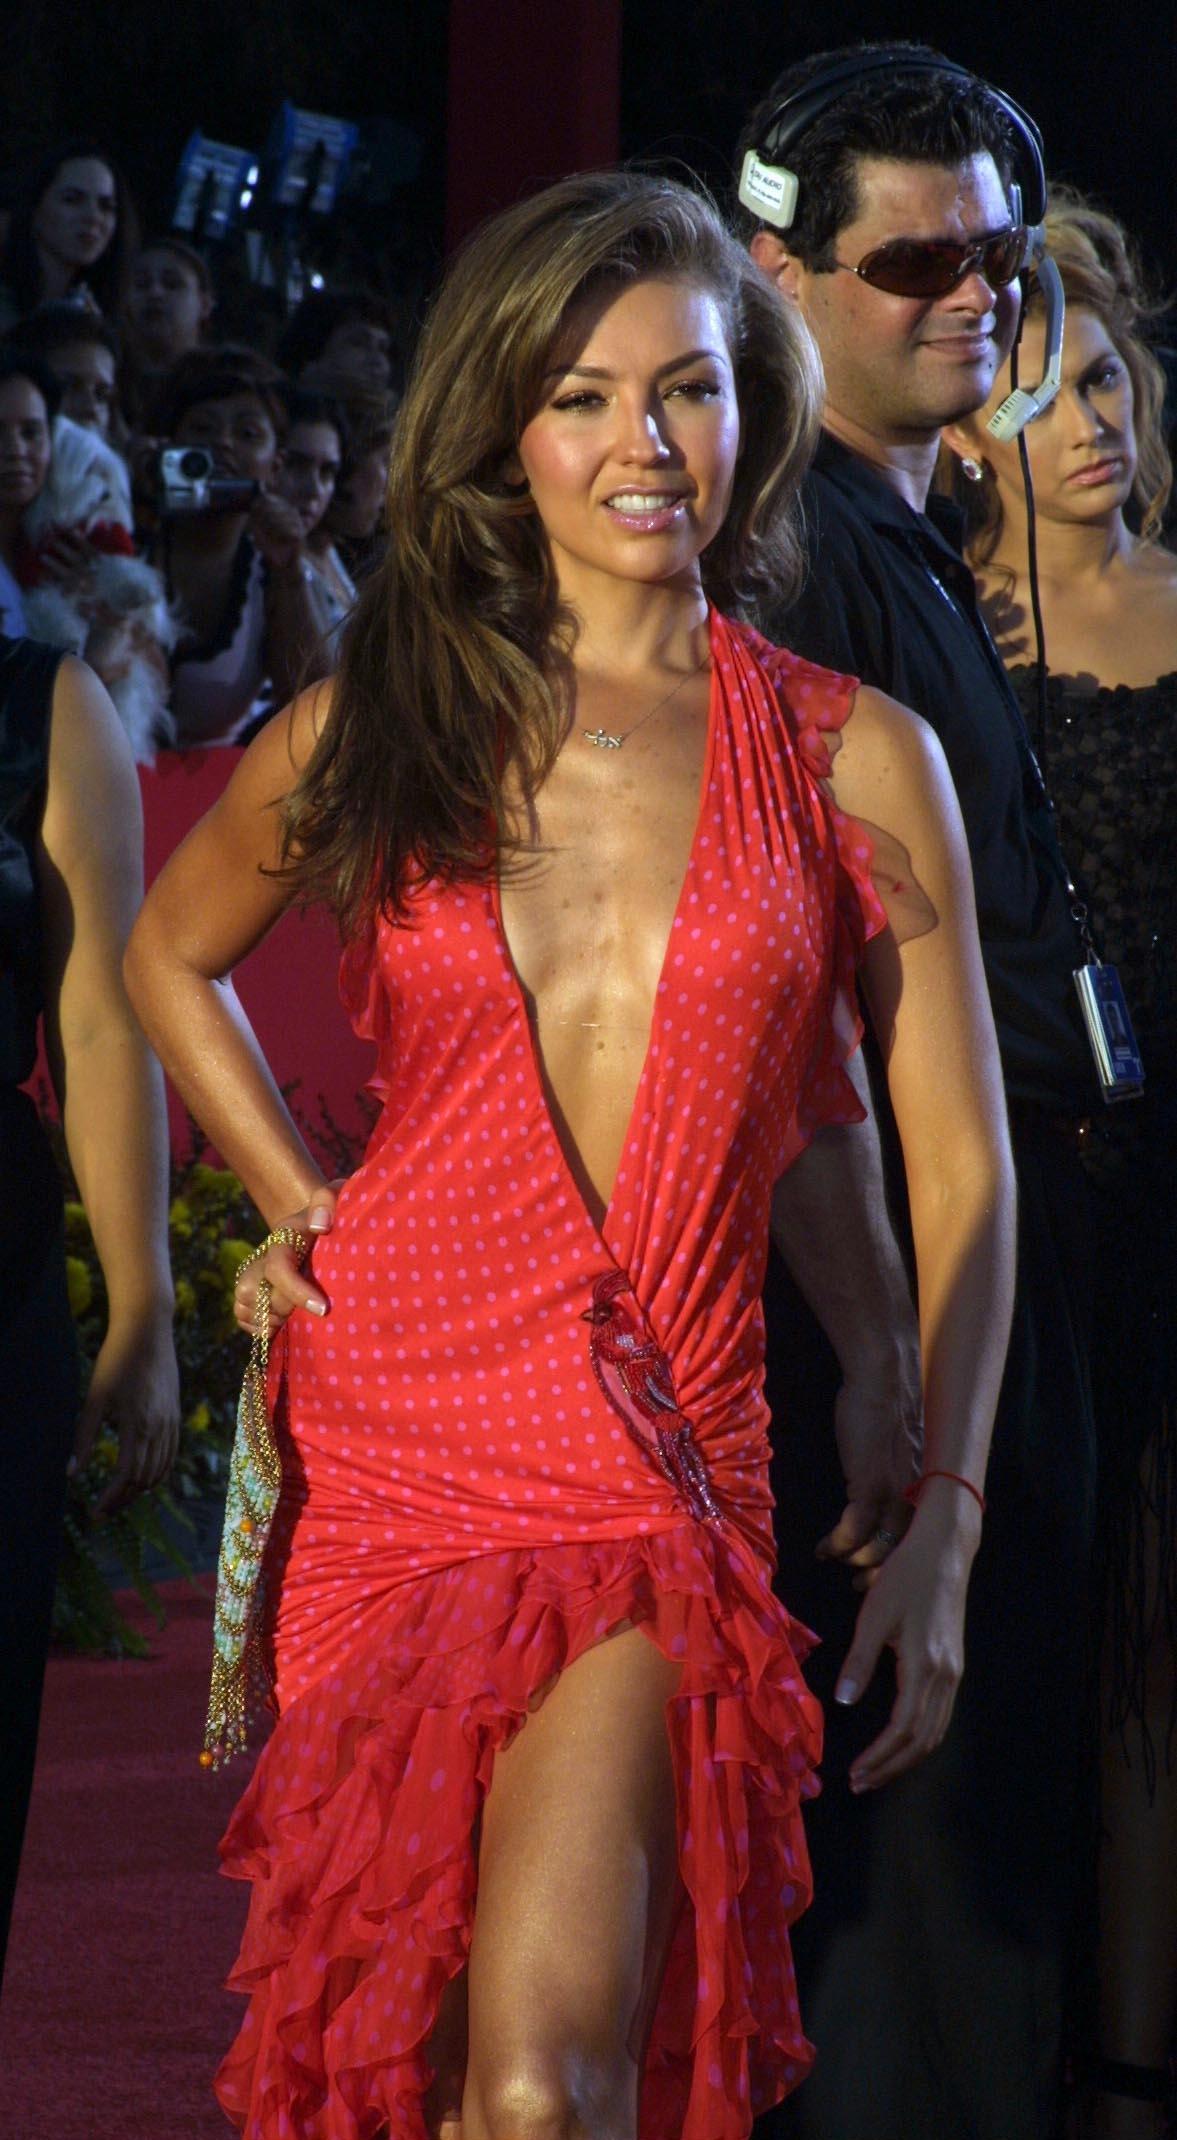 Thalía desfiló por la alfombra roja del estadio Miami Arena con un escotado y sugerente vestido rojo, que provocó los suspiros de sus admiradores.